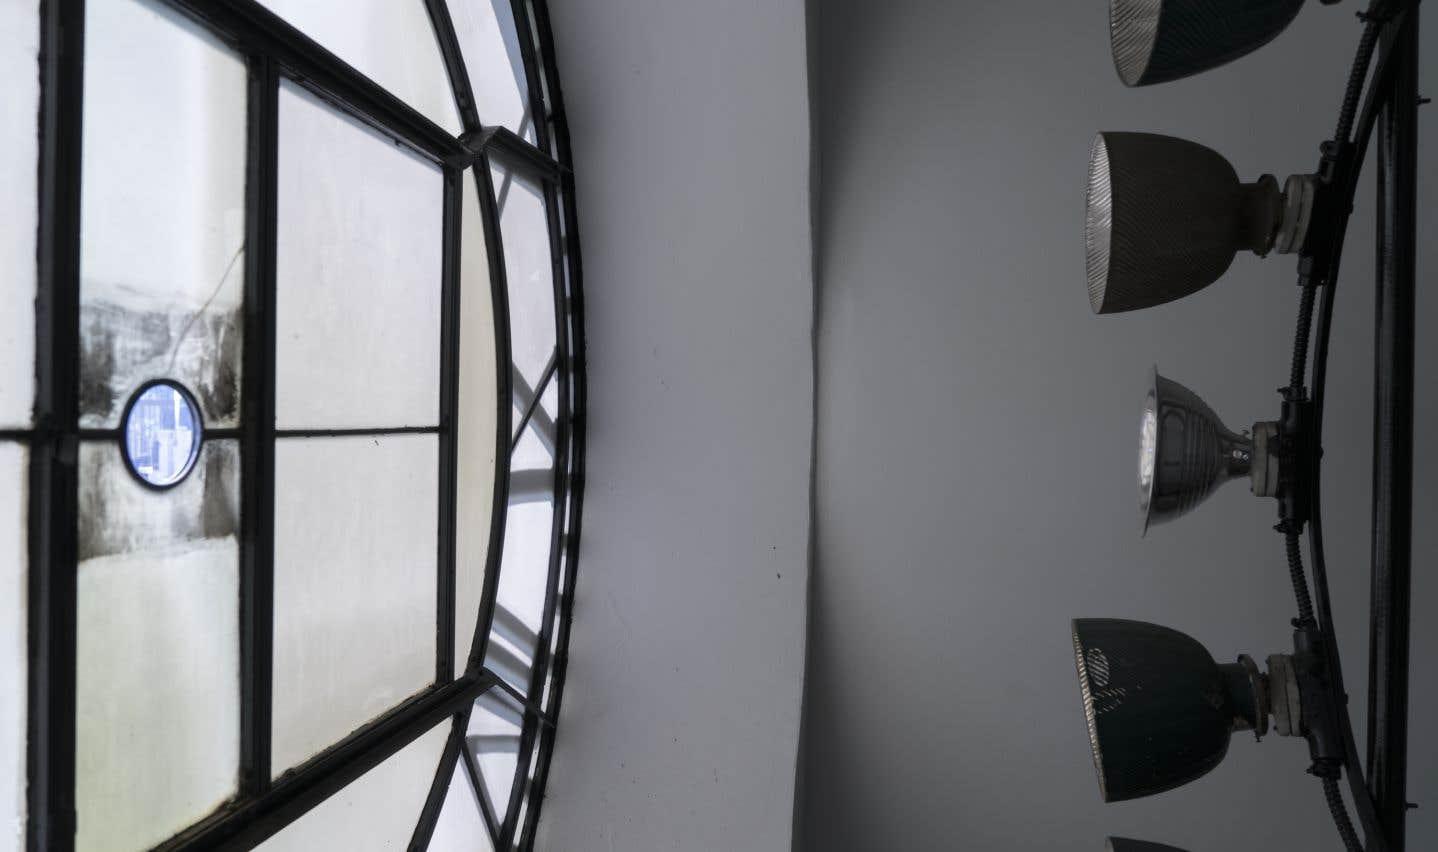 Yann Pocreau, L'horloge, Hôpital Royal Victoria, 2017